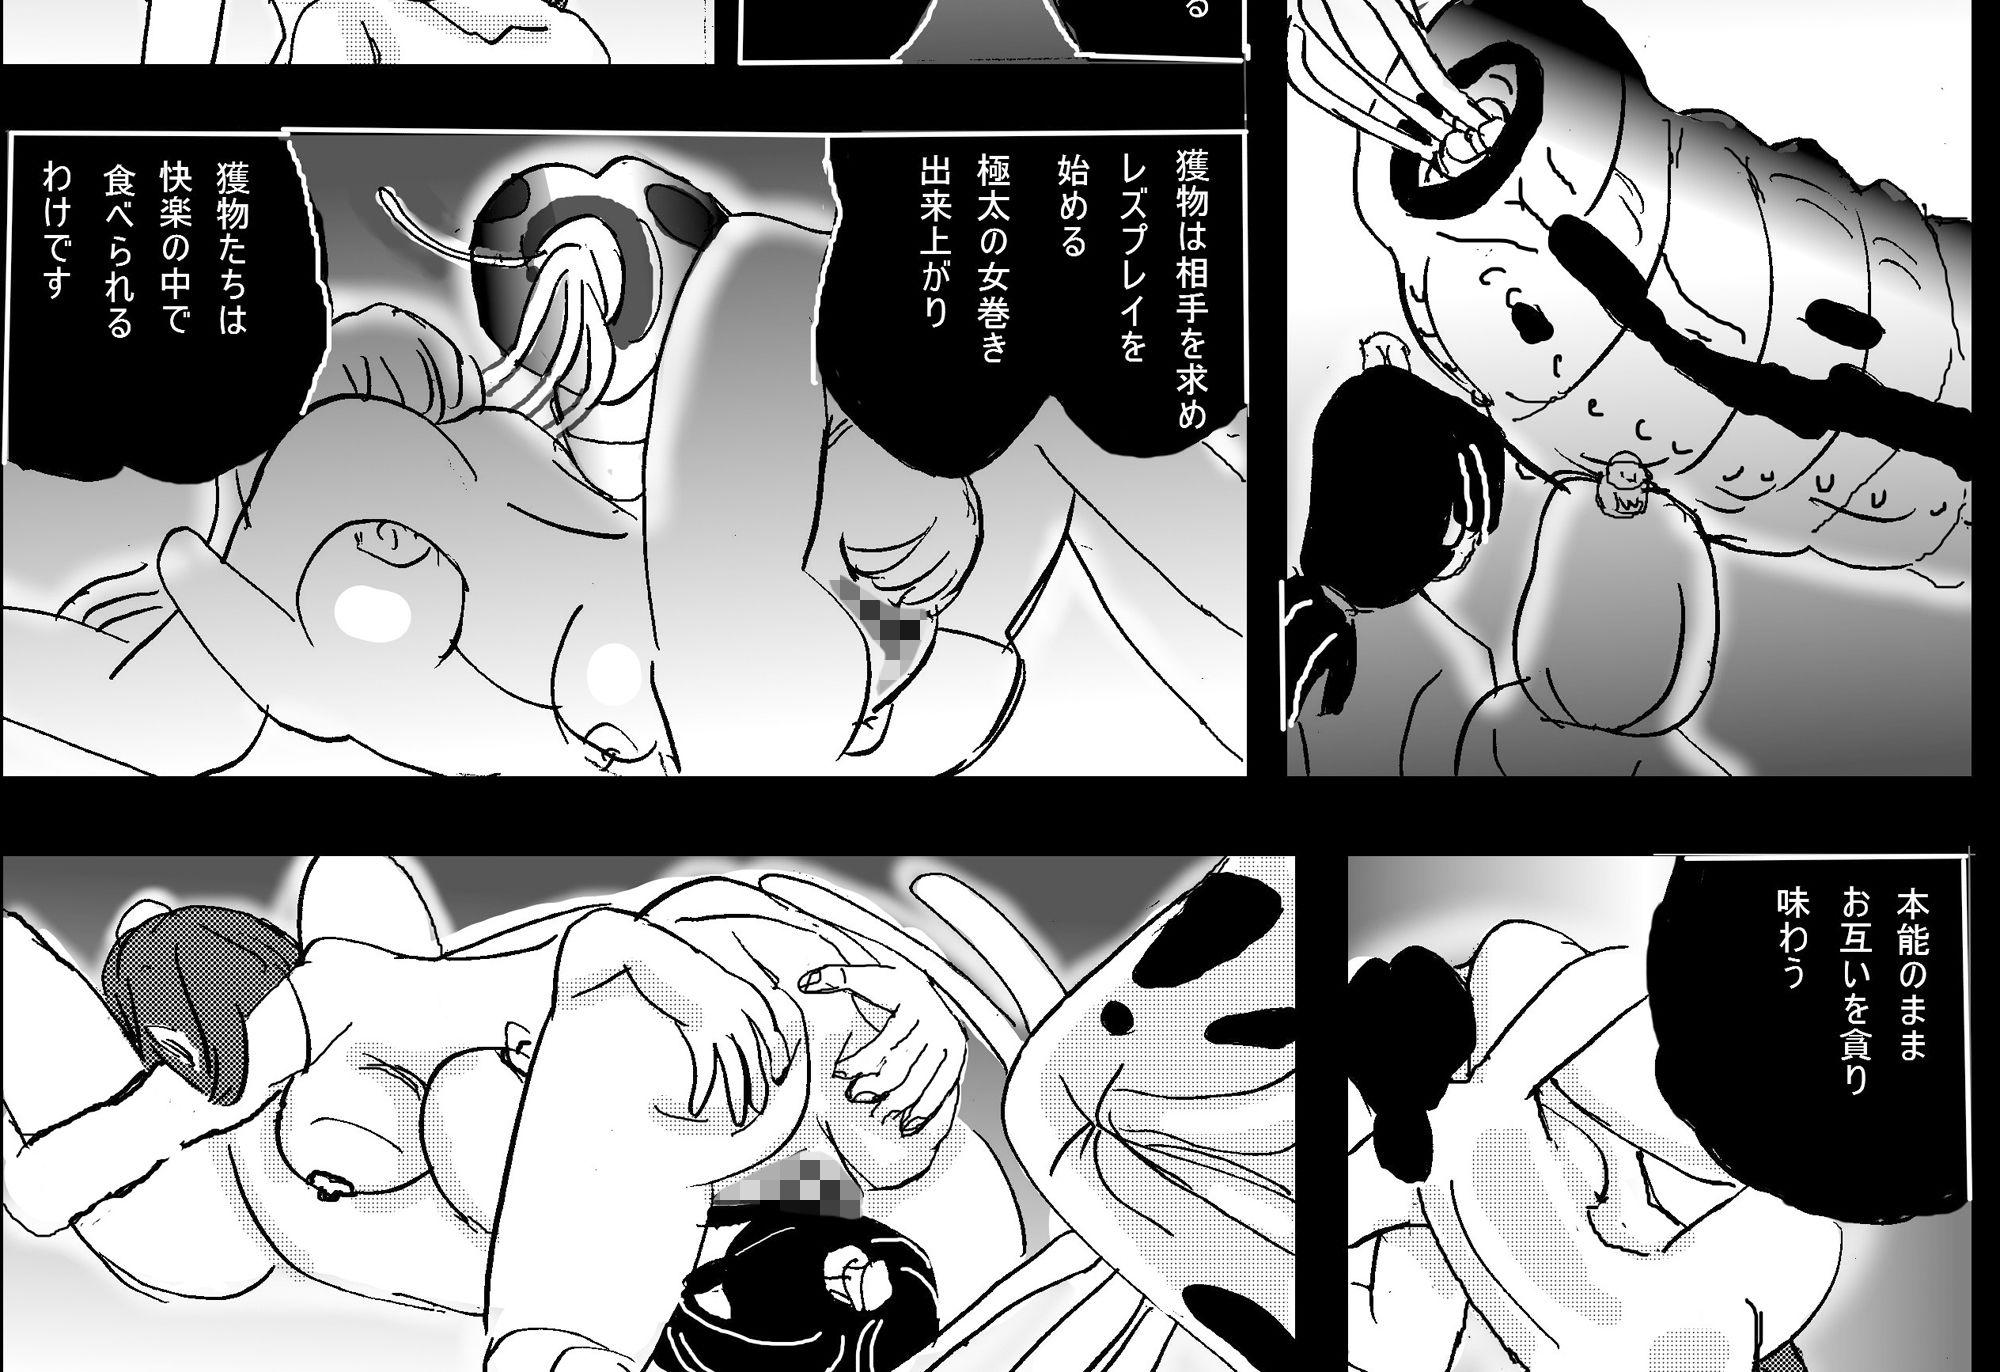 【人外娘 おもらし】人外娘モンスター娘のおもらしファンタジー搾乳産卵触手拘束アナル性欲処理の同人エロ漫画。